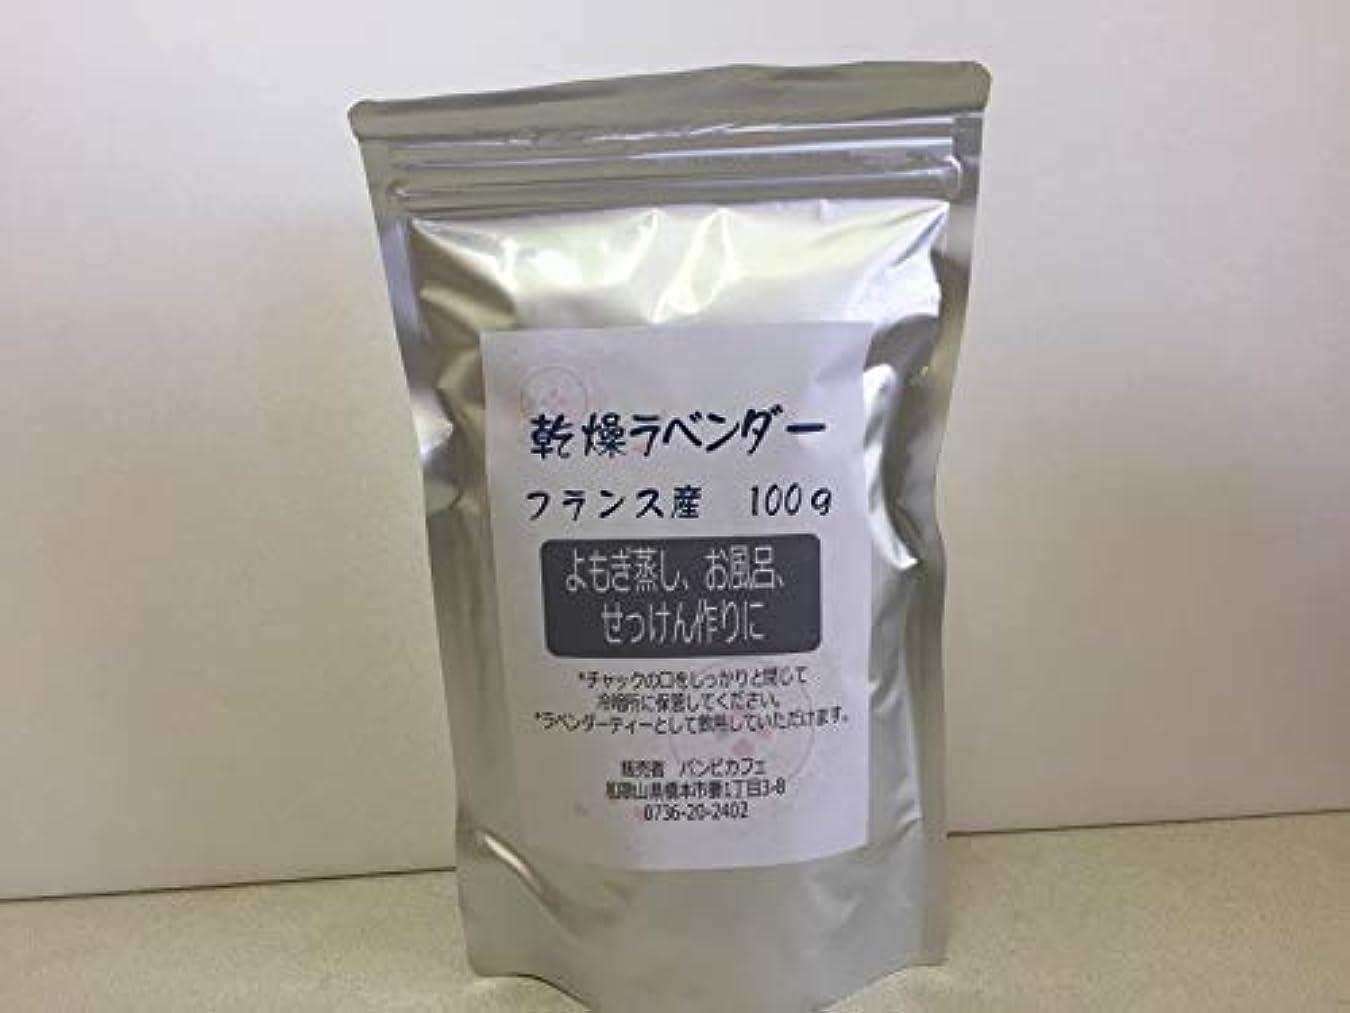 スラック裁量カウンタ乾燥ラベンダー 100g よもぎ蒸し、ハーブボール、ハーブ風呂に